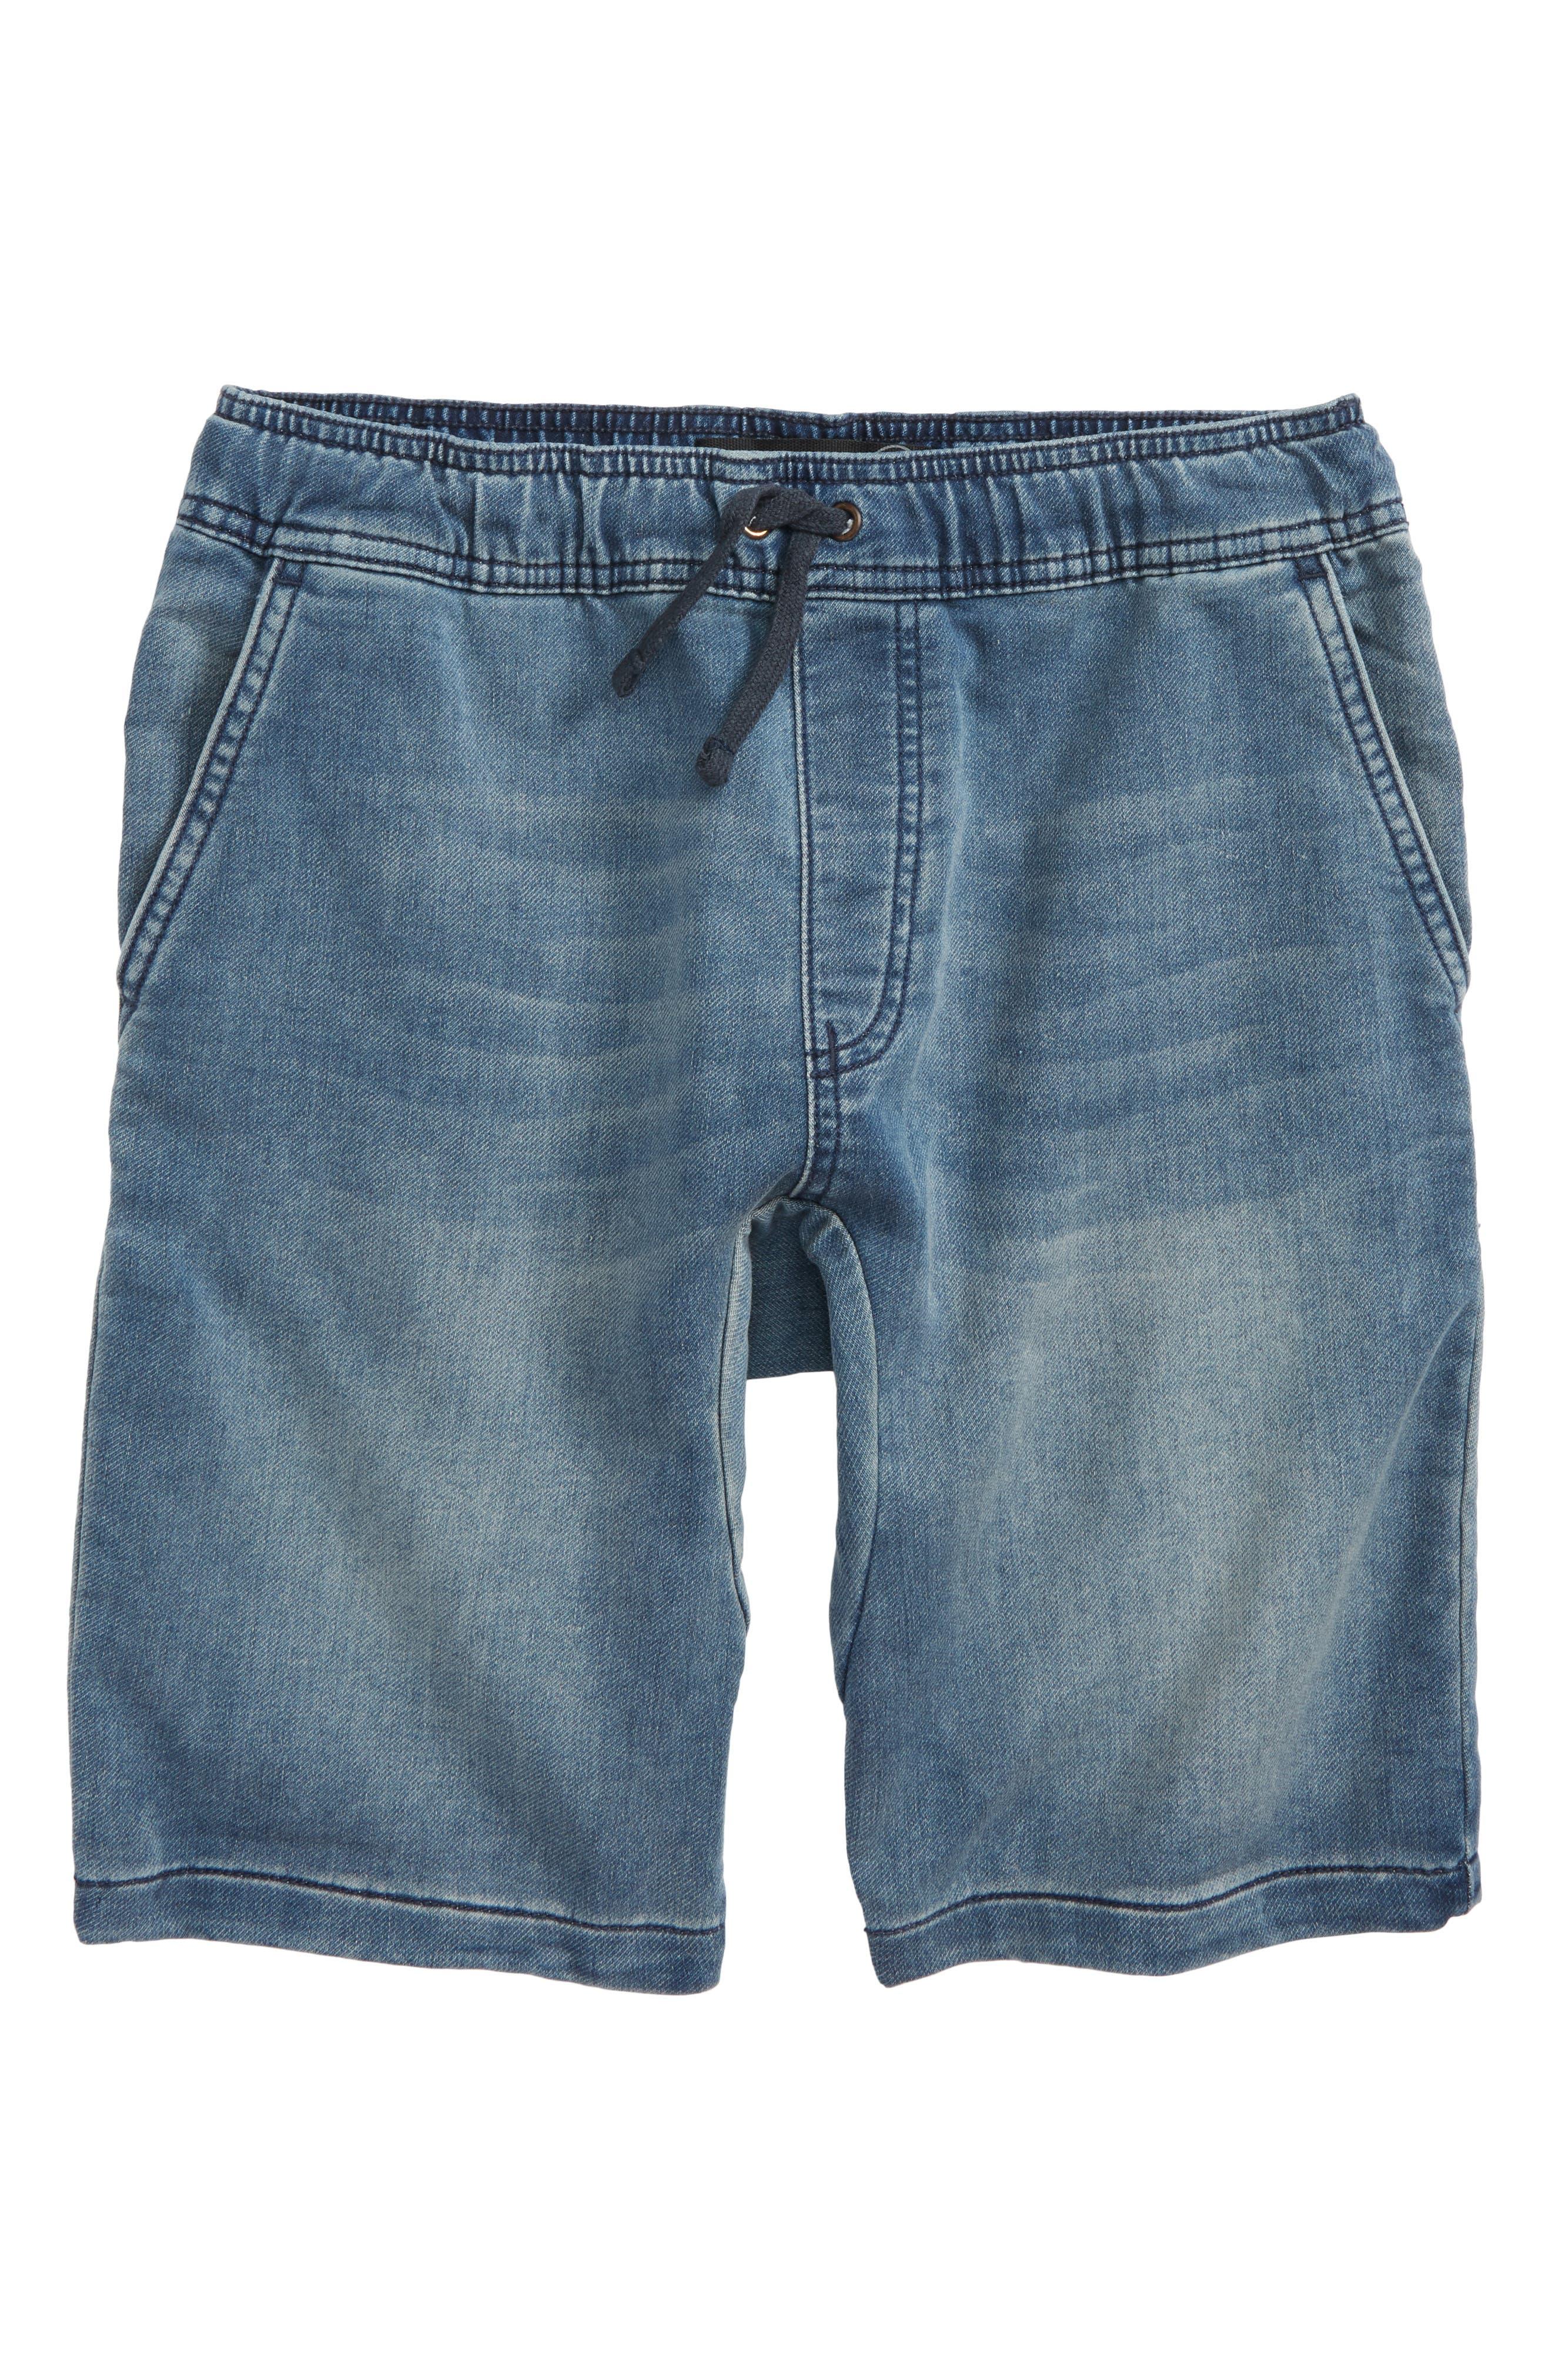 Denim Jogger Shorts,                             Main thumbnail 1, color,                             Lott Wash